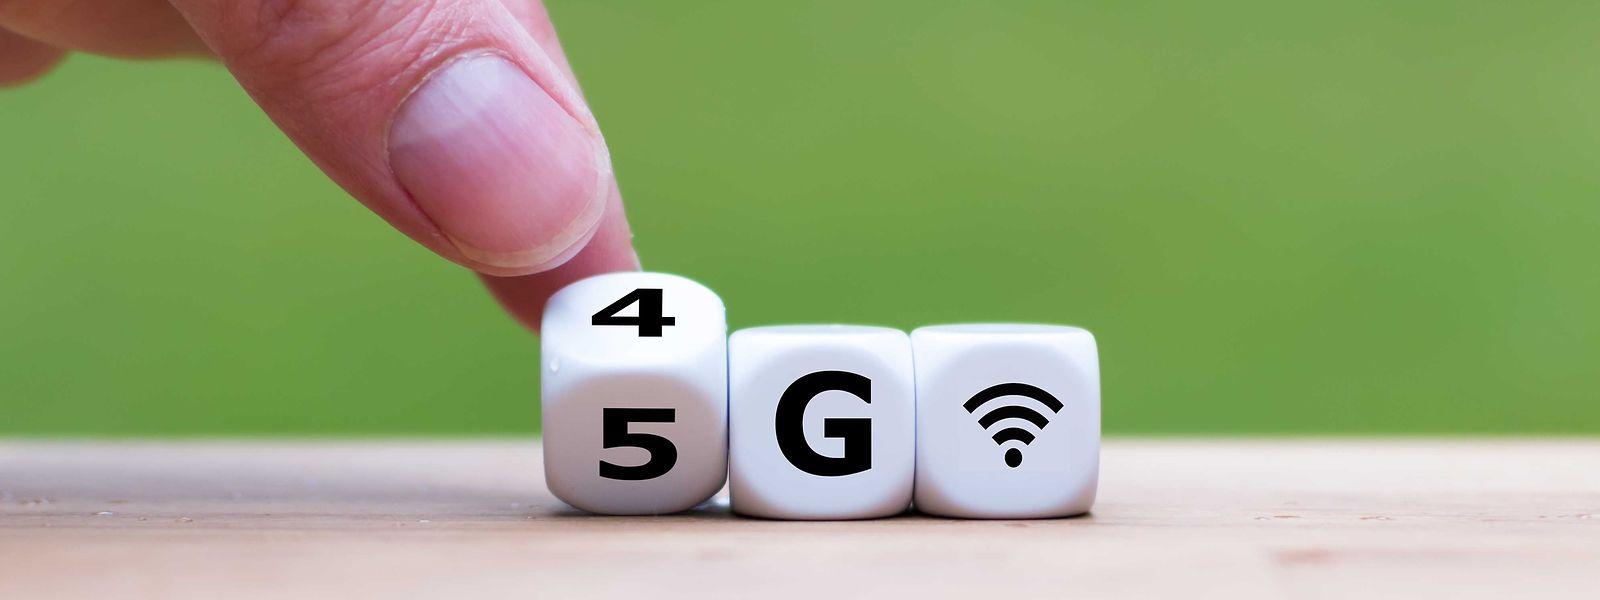 Pour le collectif Stop 5G, le gouvernement avance avec des oeillères.